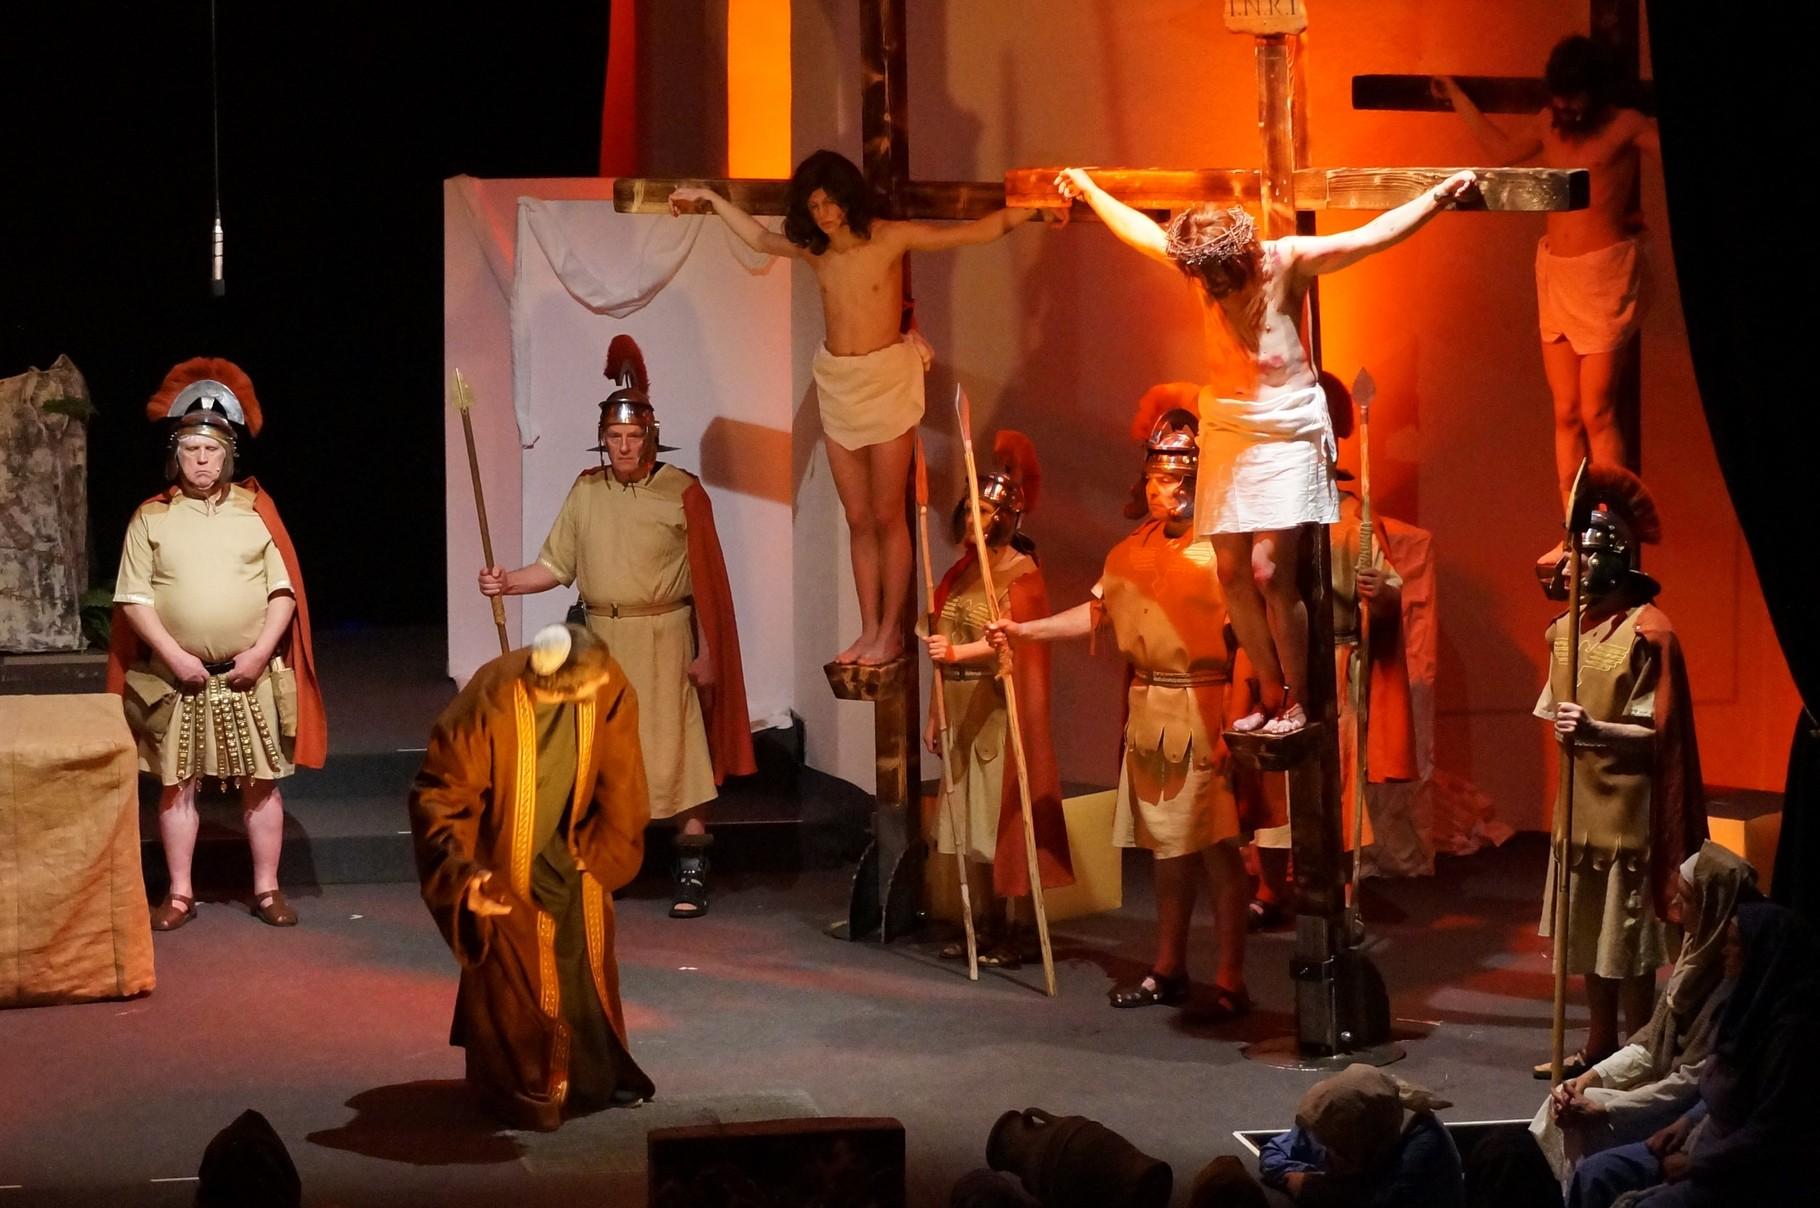 Die Verhöhnung Jesu